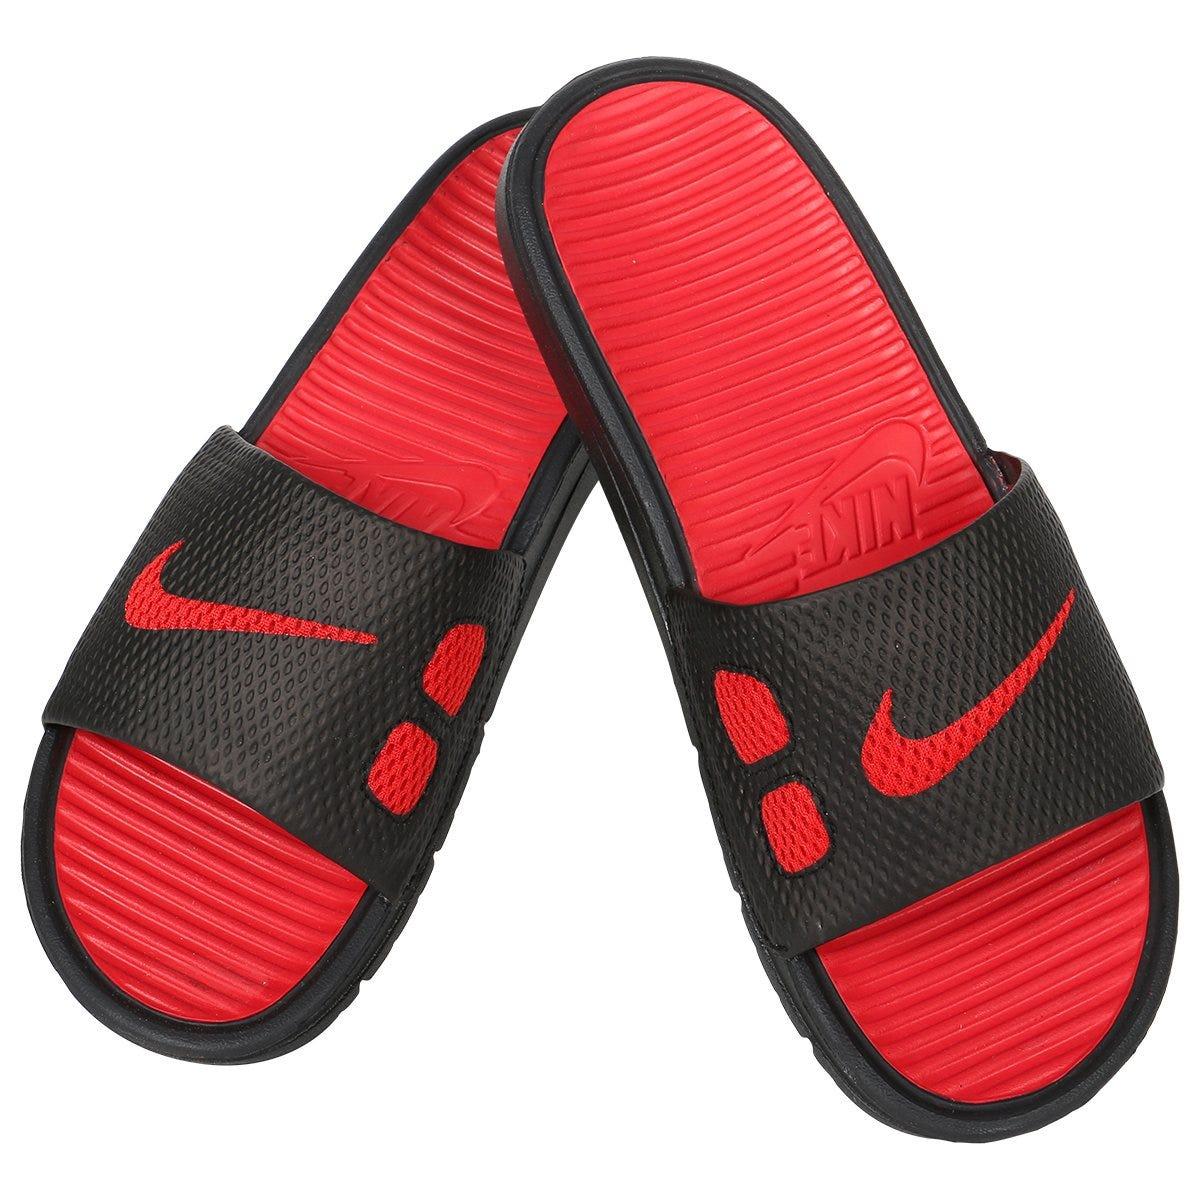 75956a018 SKU-MS1246343 Nike Benassi Slide Men s Sandals - Black Red from Goalie Monkey  sku